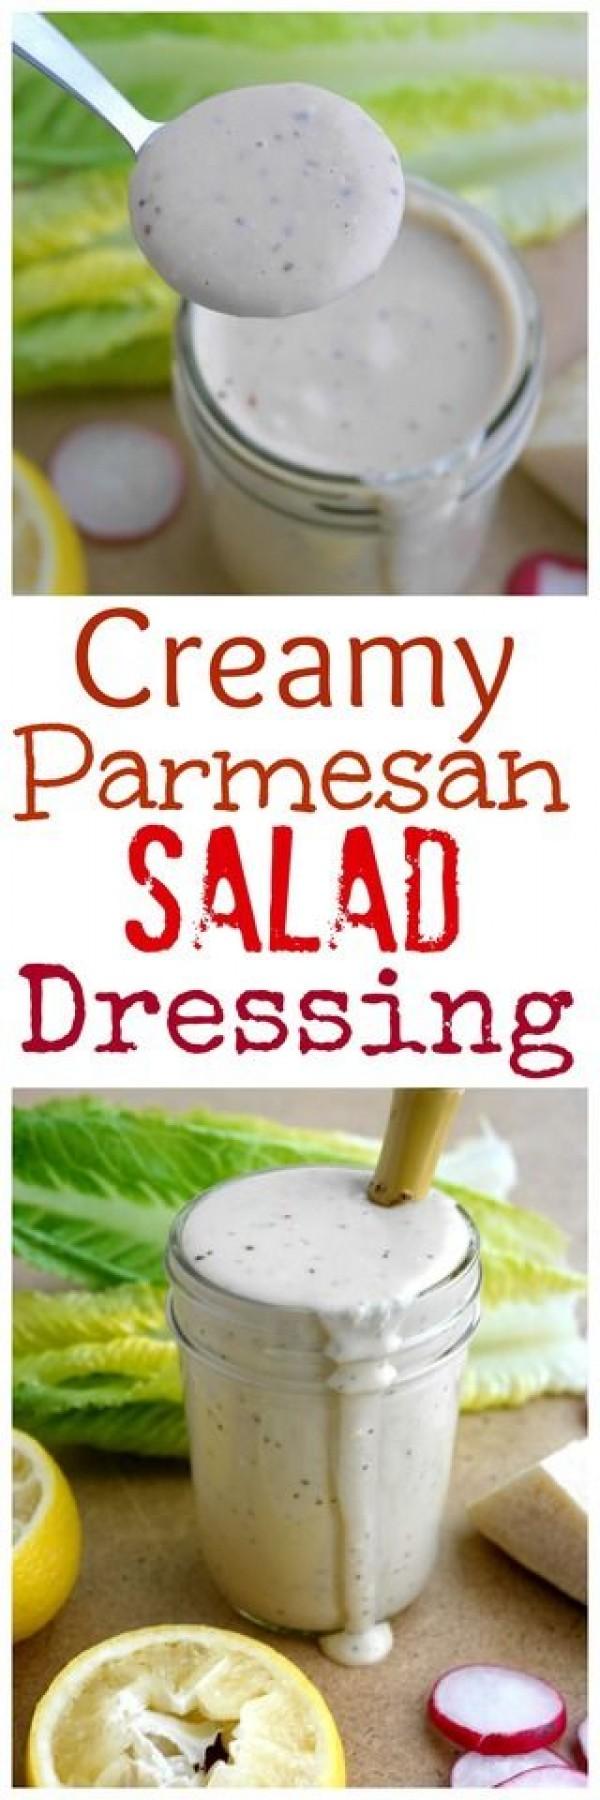 Get the recipe Creamy Parmesan Salad Dressing @recipes_to_go